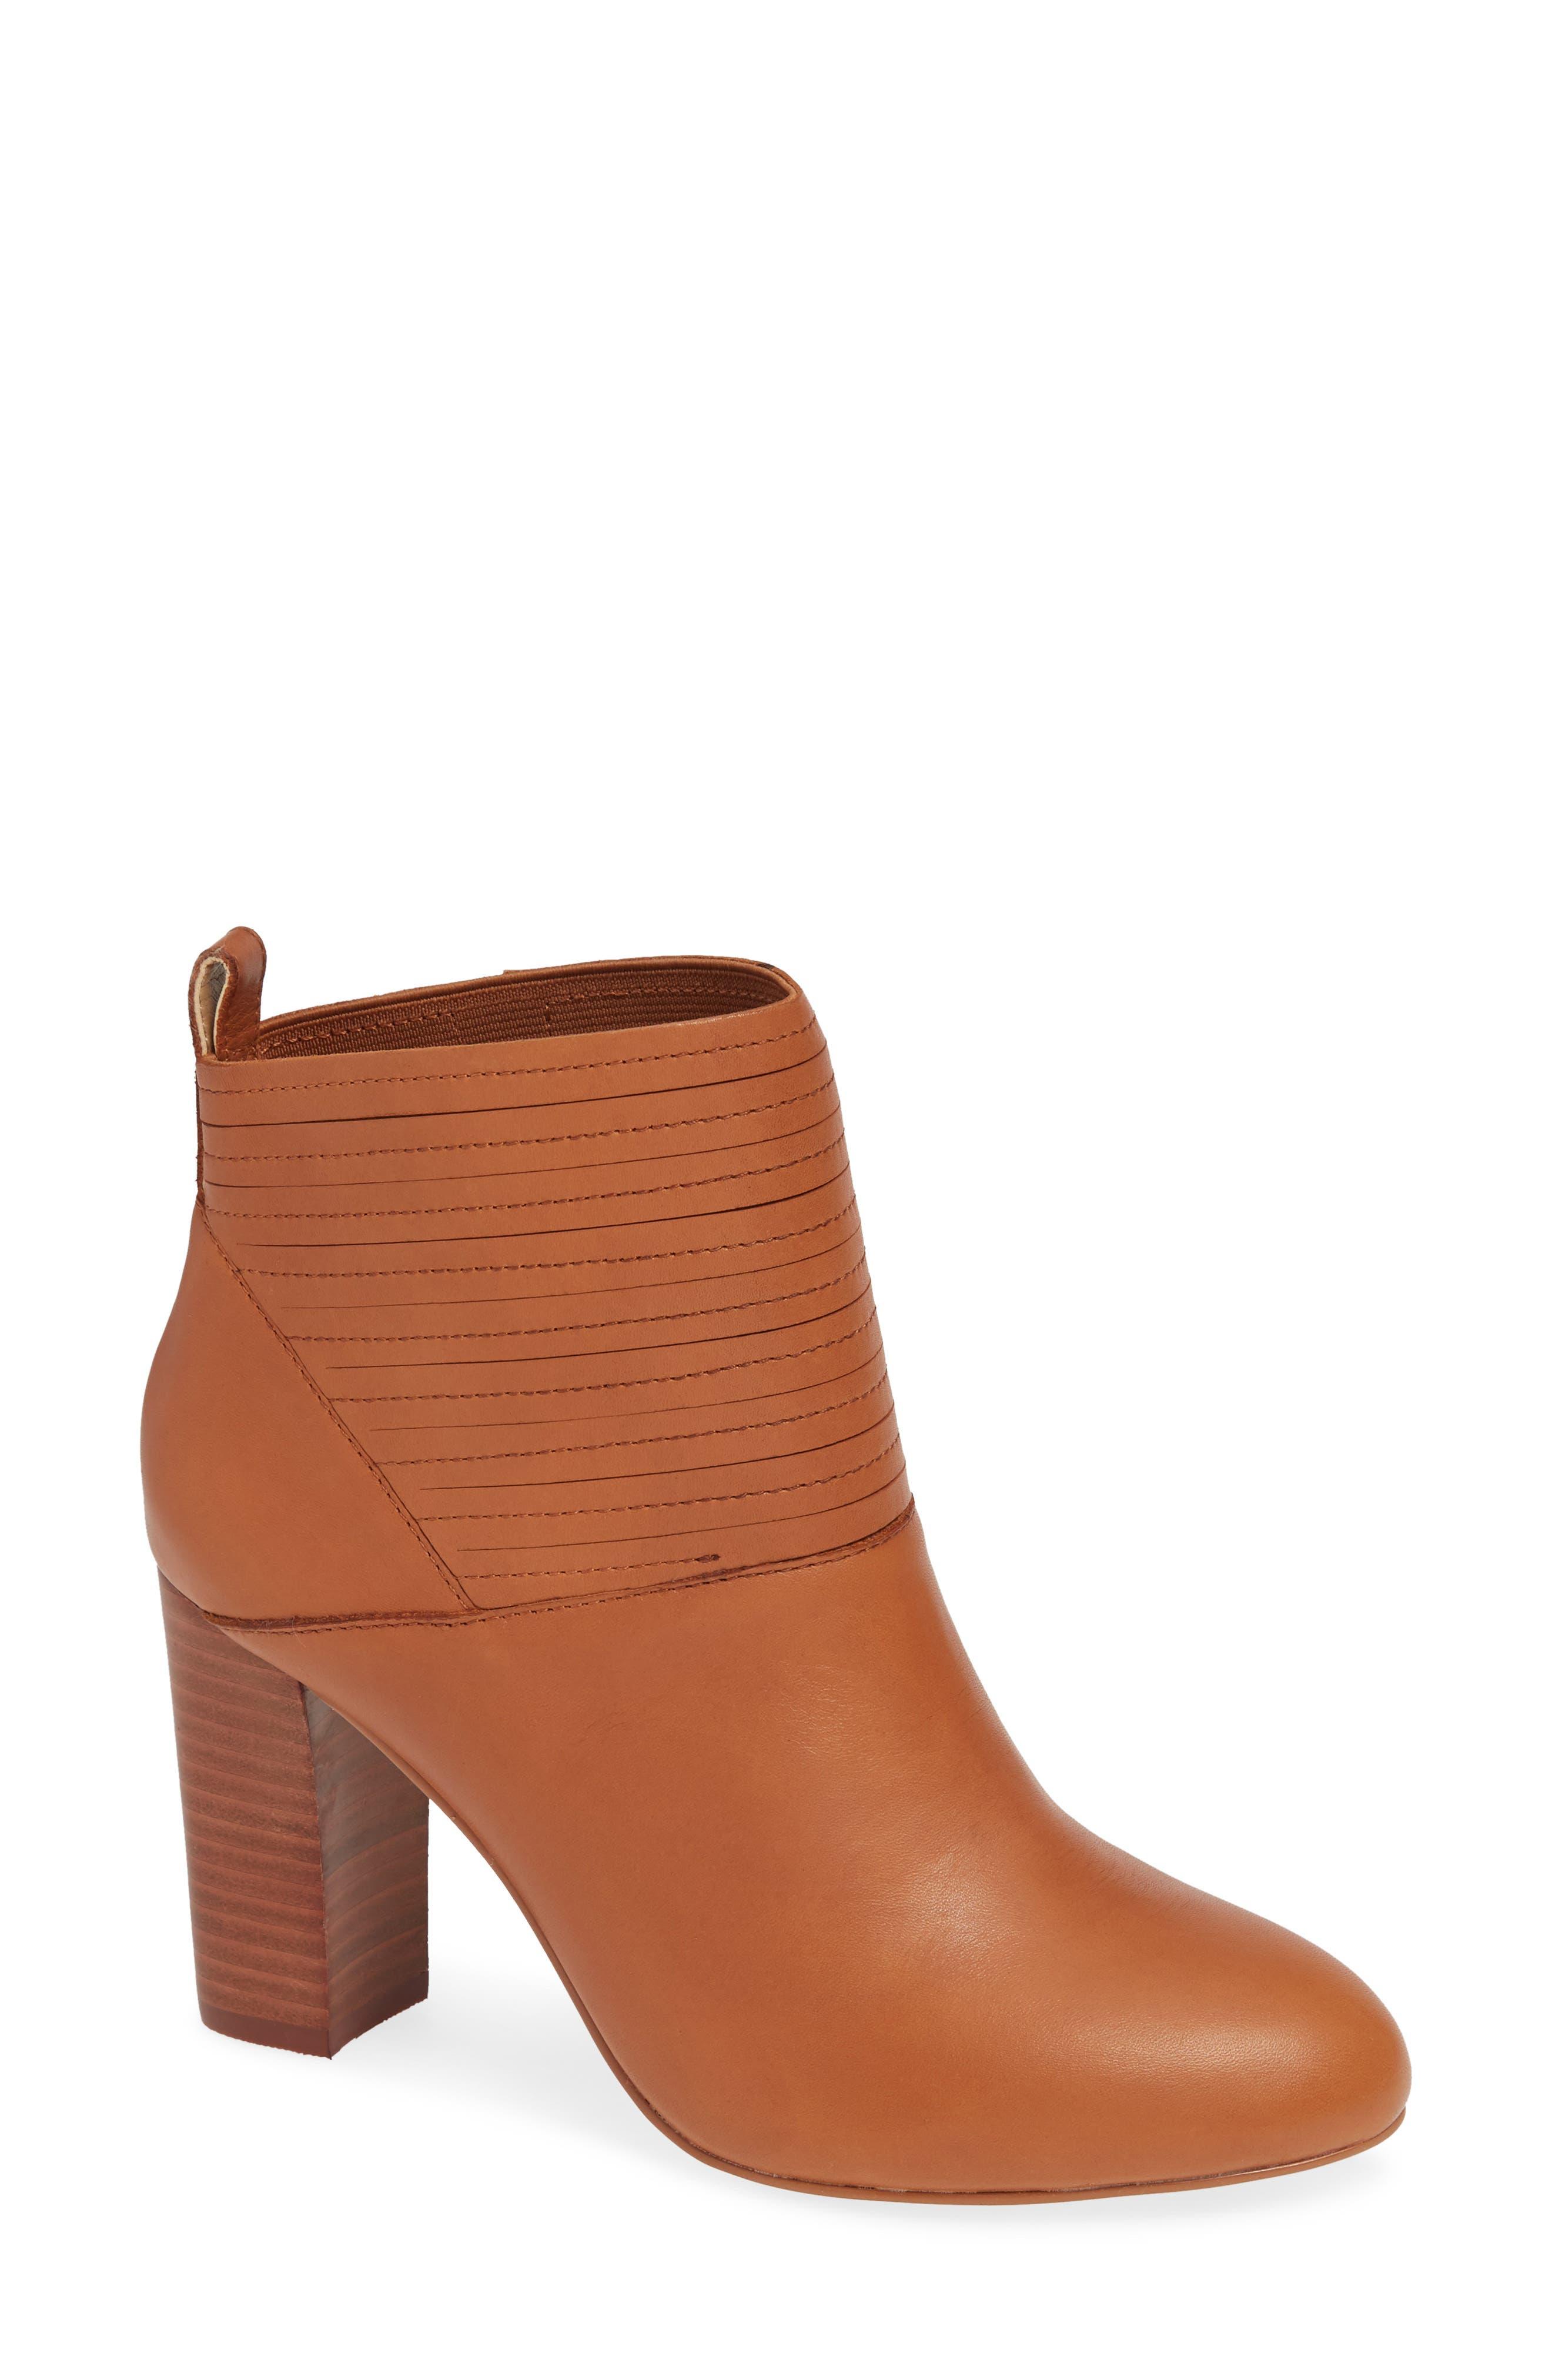 M4D3 Salama Block Heel Bootie, Brown